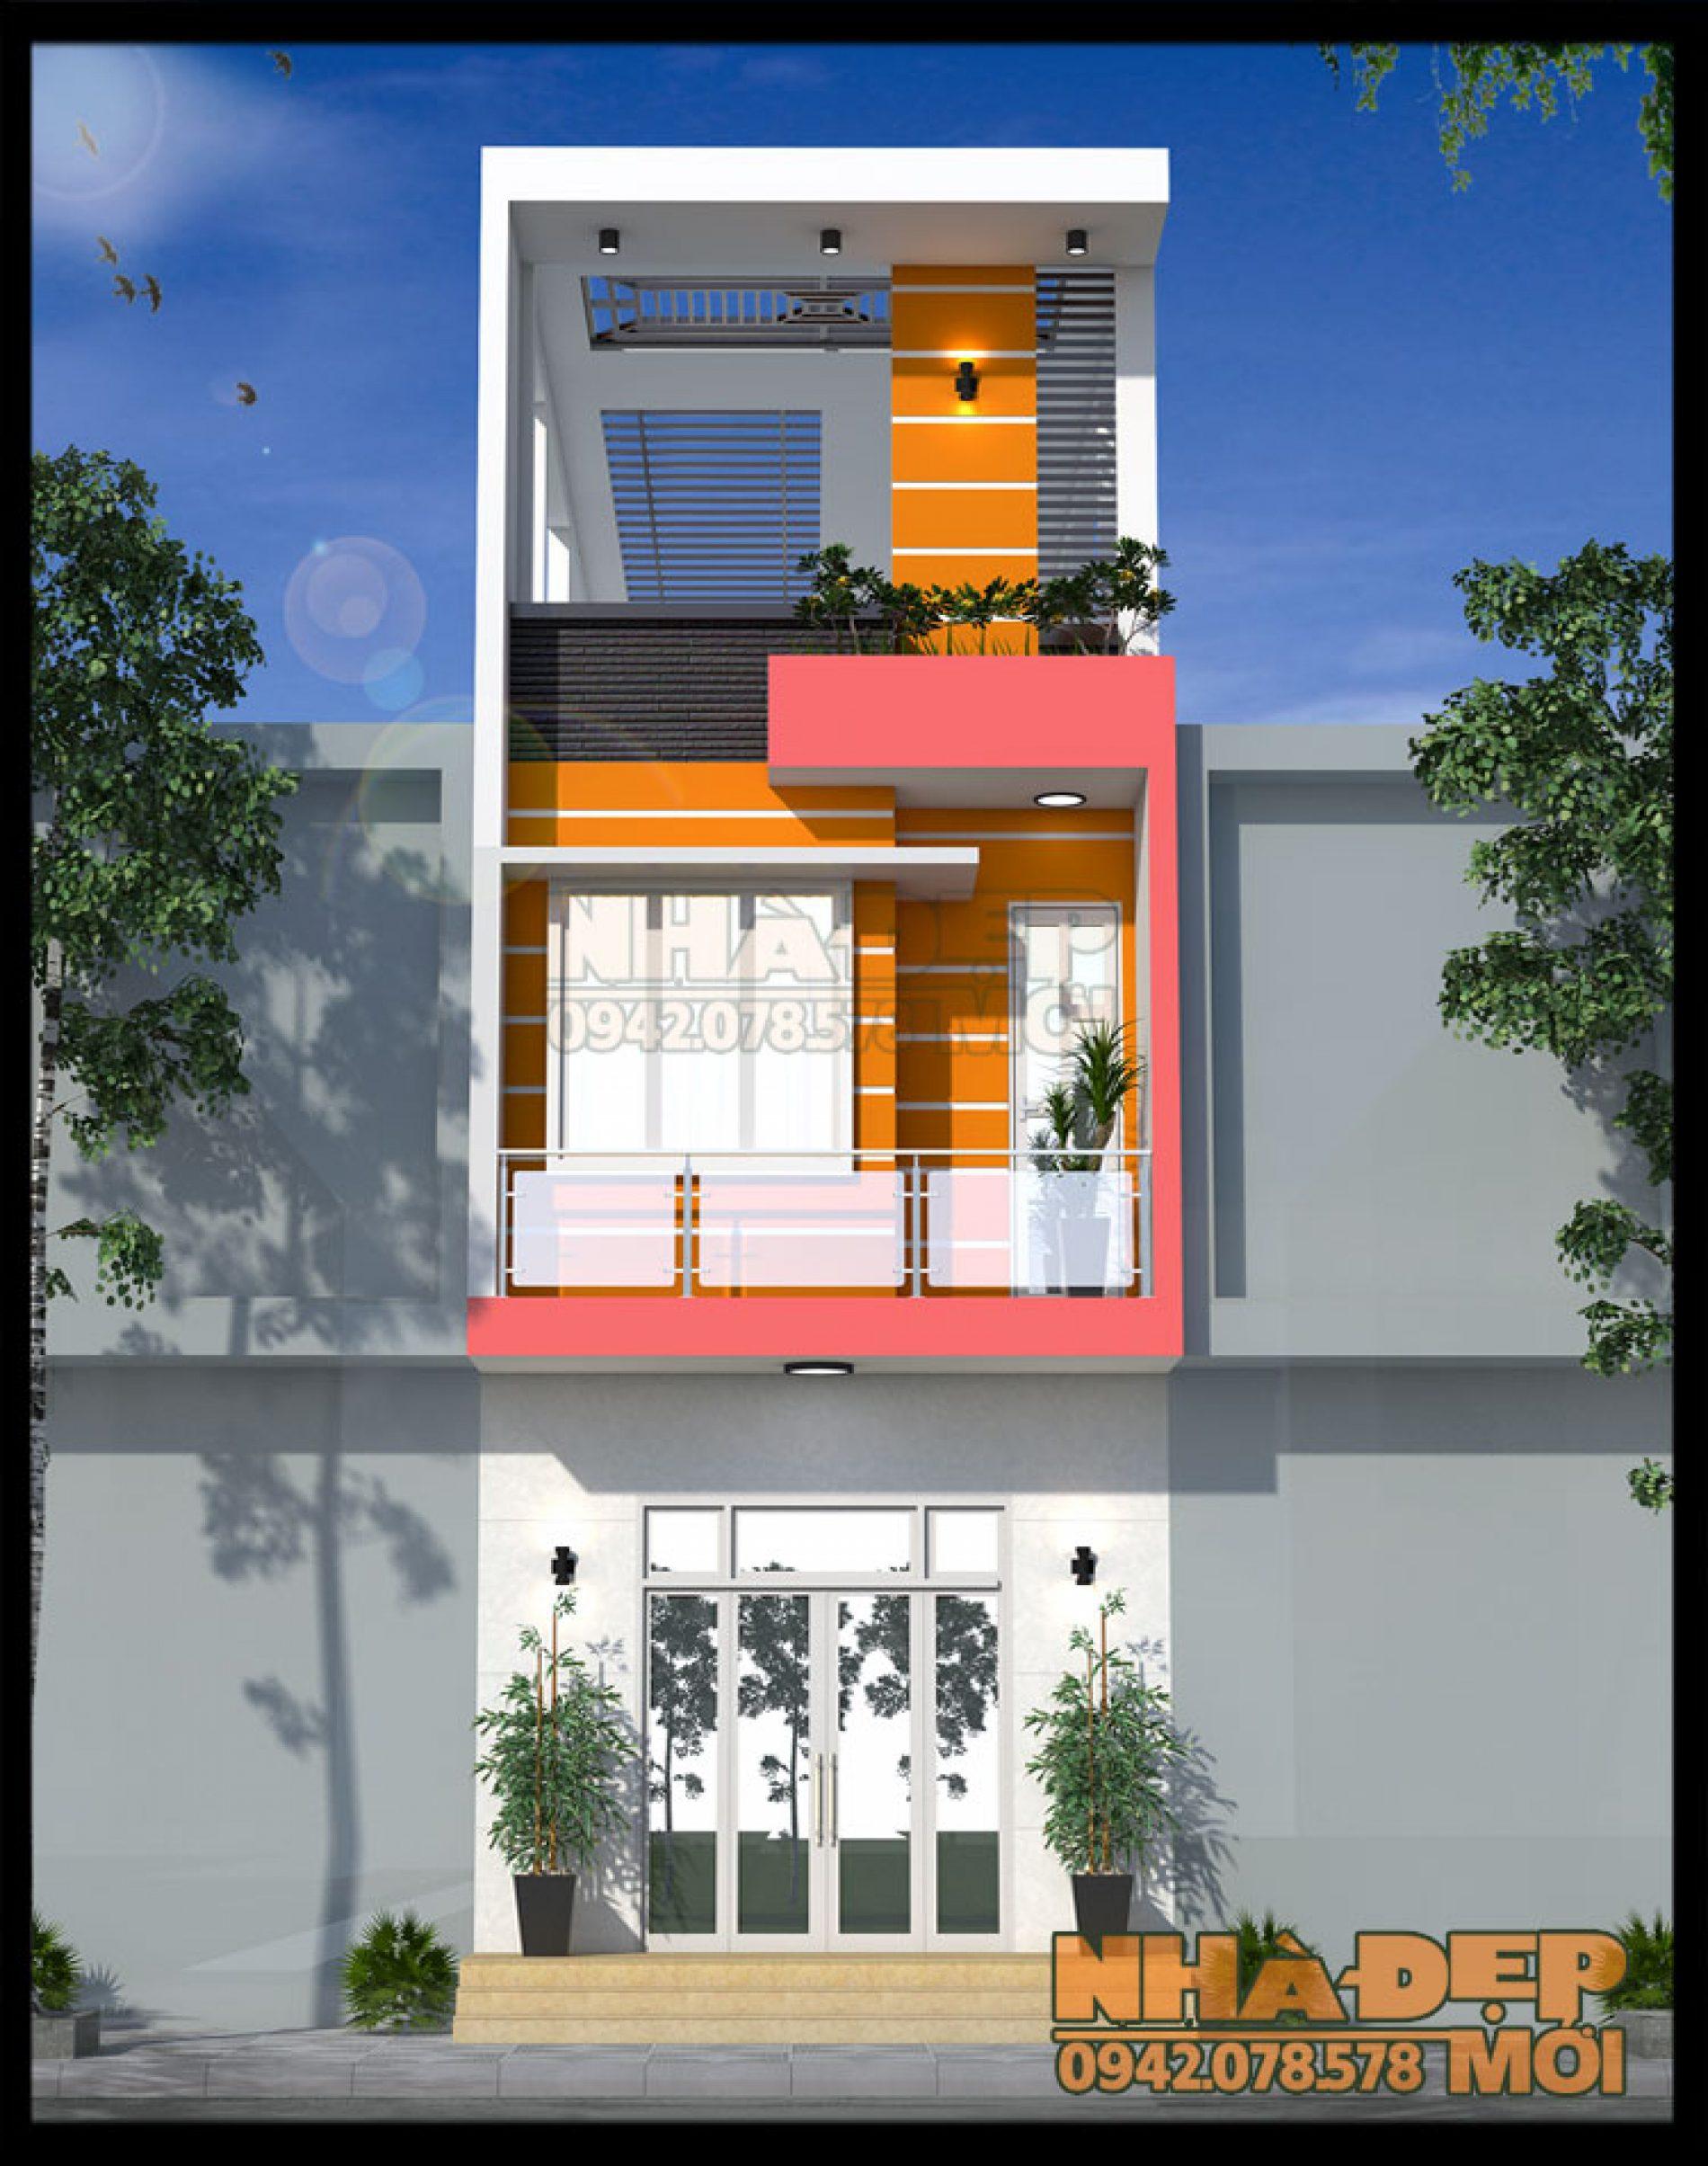 Mẫu nhà phố đẹp kiêm kinh doanh 5x27m với kiến trúc hiện đại bắt mắt tại Thủ Đức,TP.HCM-VNP220517